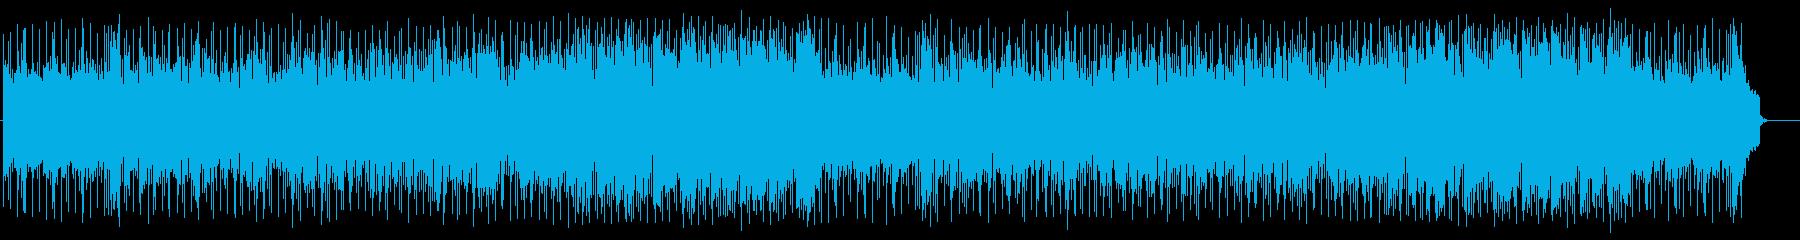 旅情漂うミディアムポップ(フルサイズ)の再生済みの波形